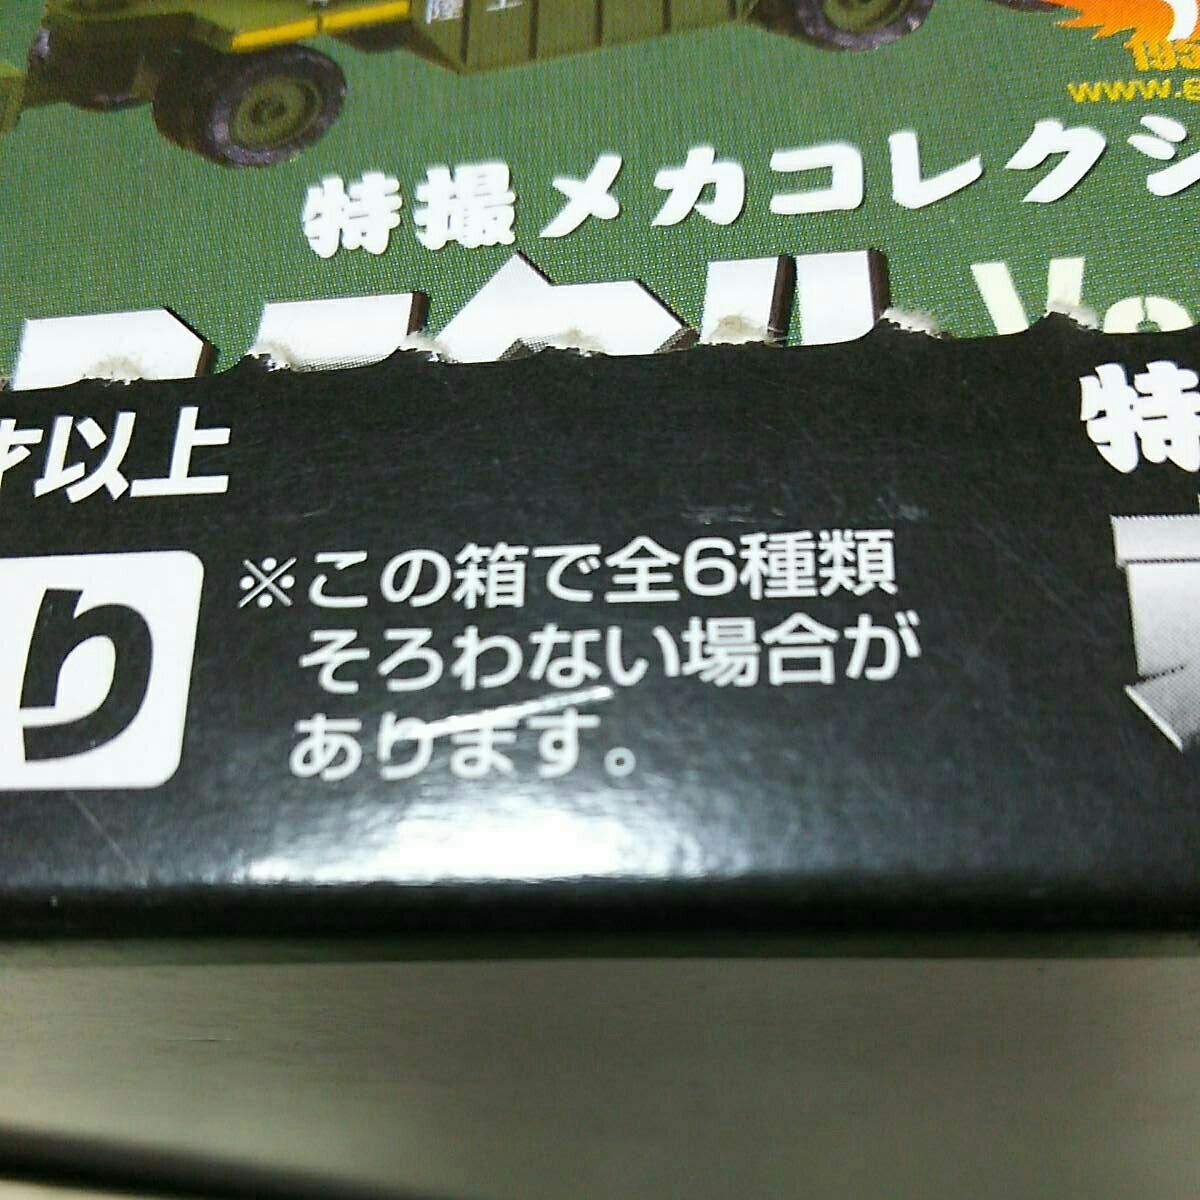 特撮メカコレクション 東宝マシンクロニクル Ver.1.5 10箱 入り 未開封_画像6